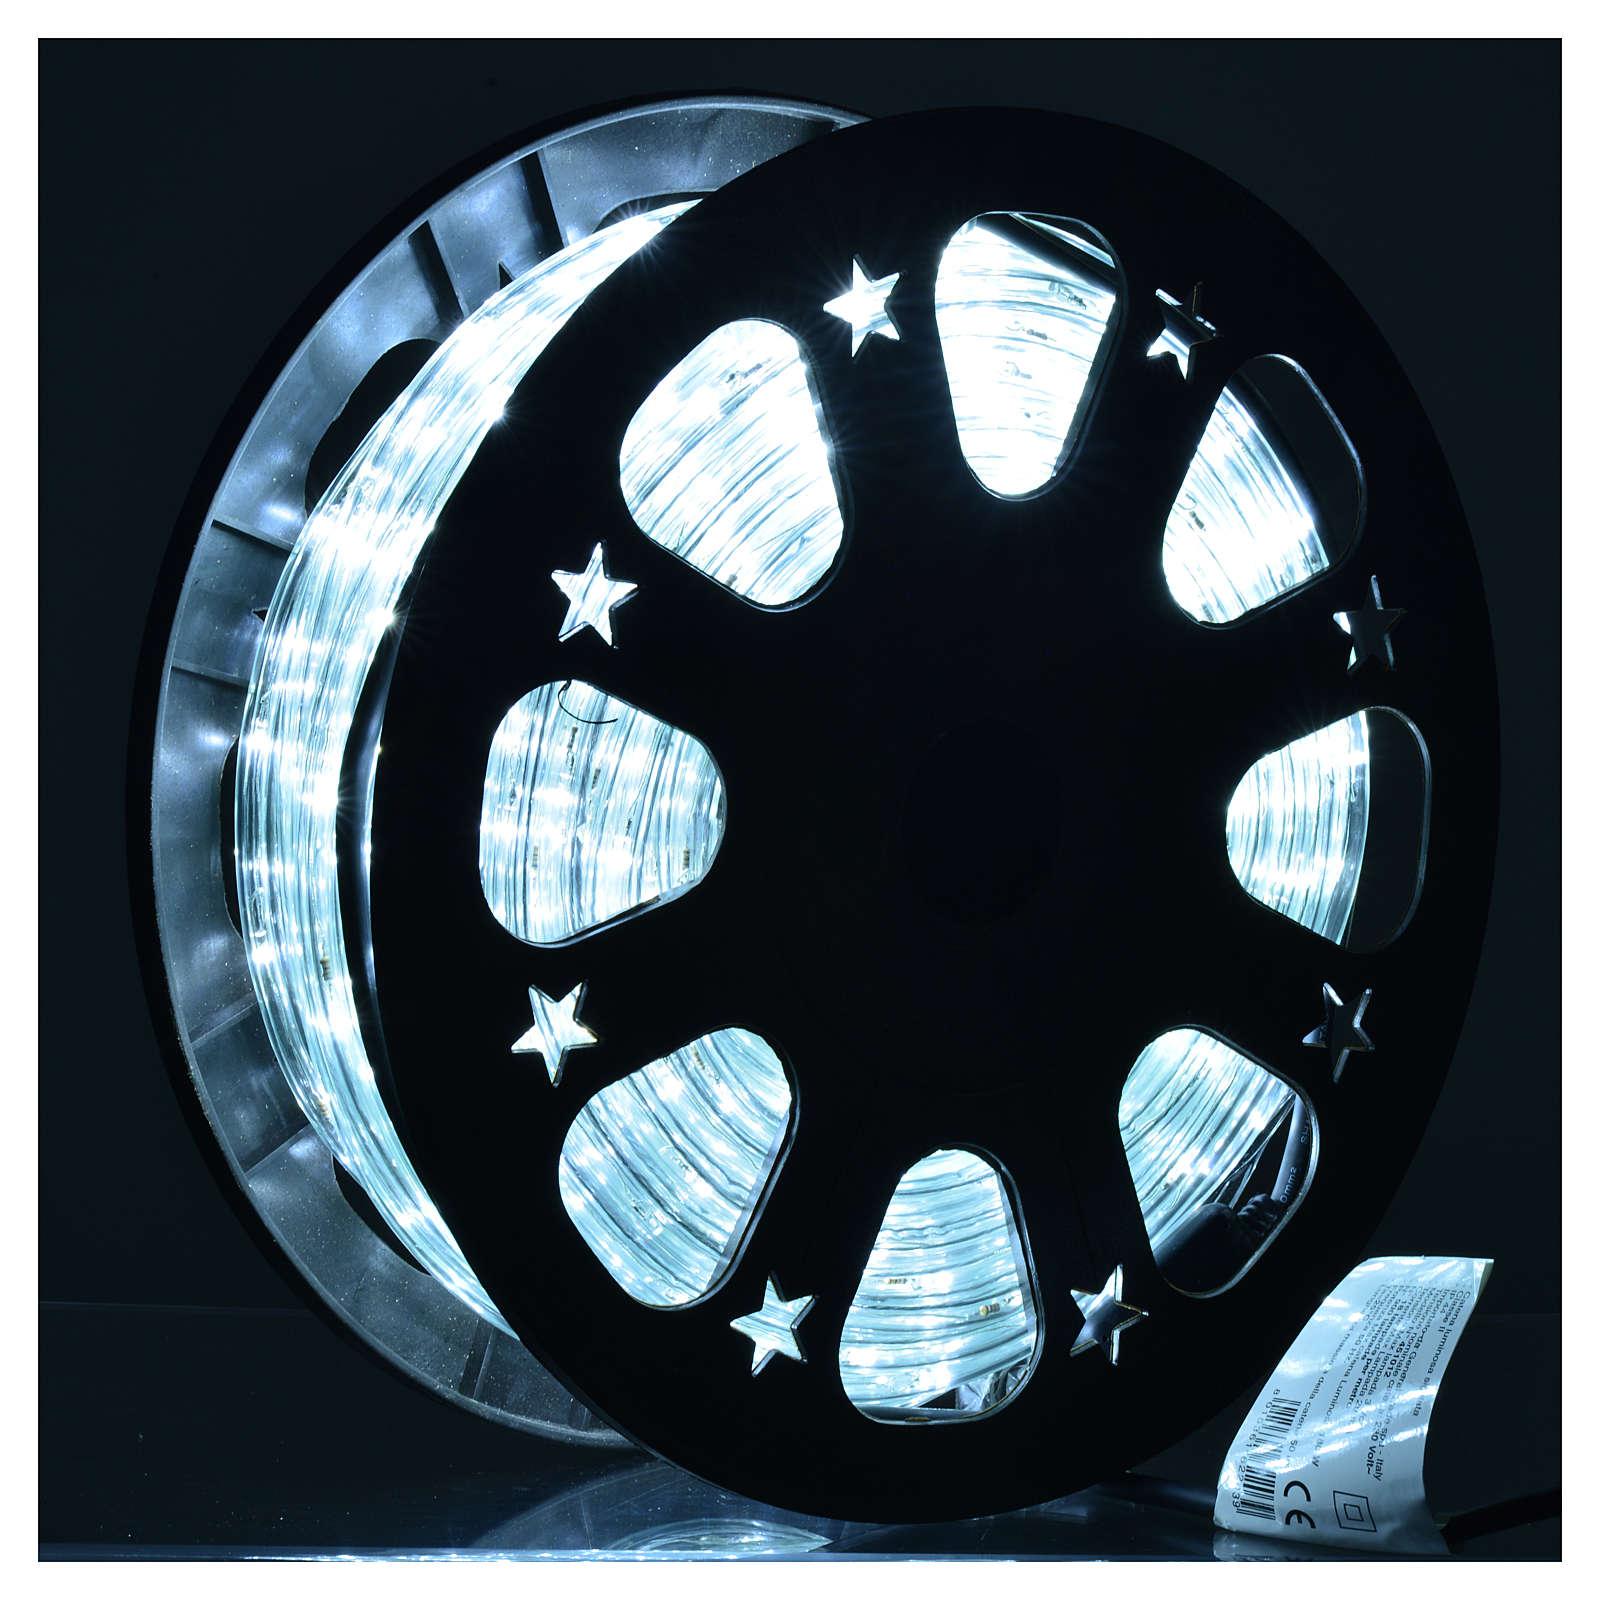 Luce natalizie tubo lux 50 metri per esterno luce ghiaccio 3